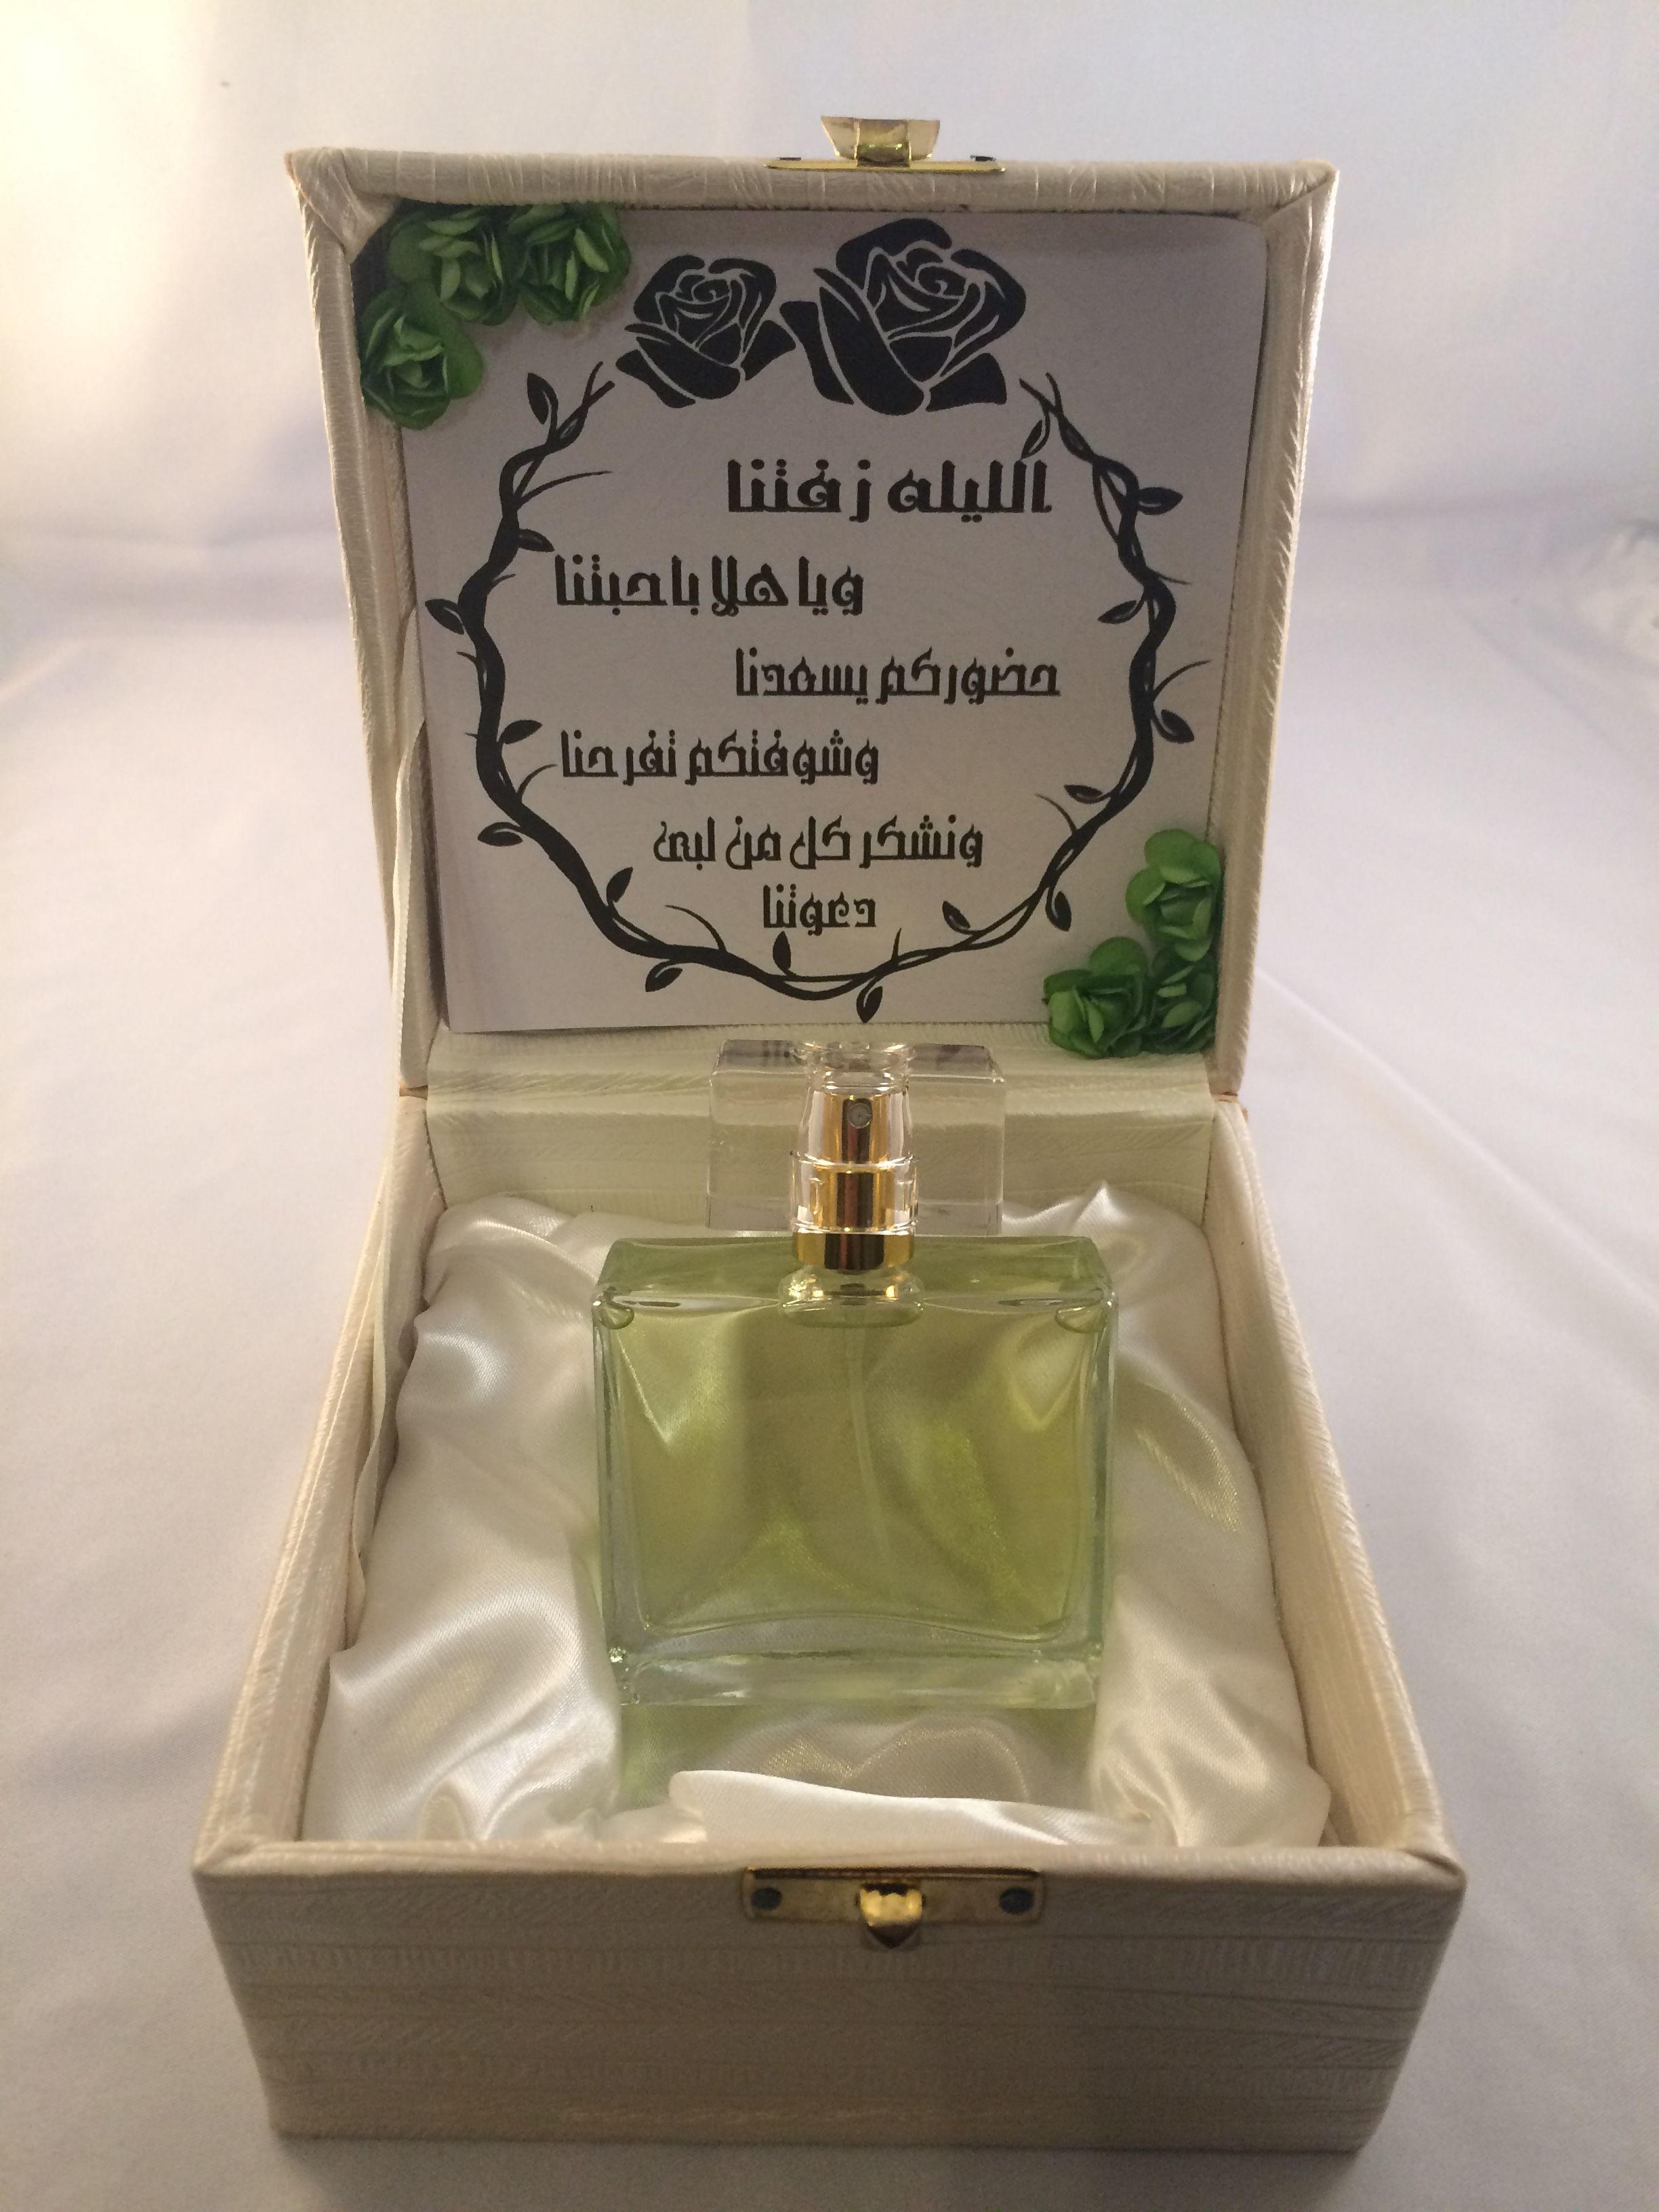 Pin by Asma Al Dosere on Abqalward Lia, Ads